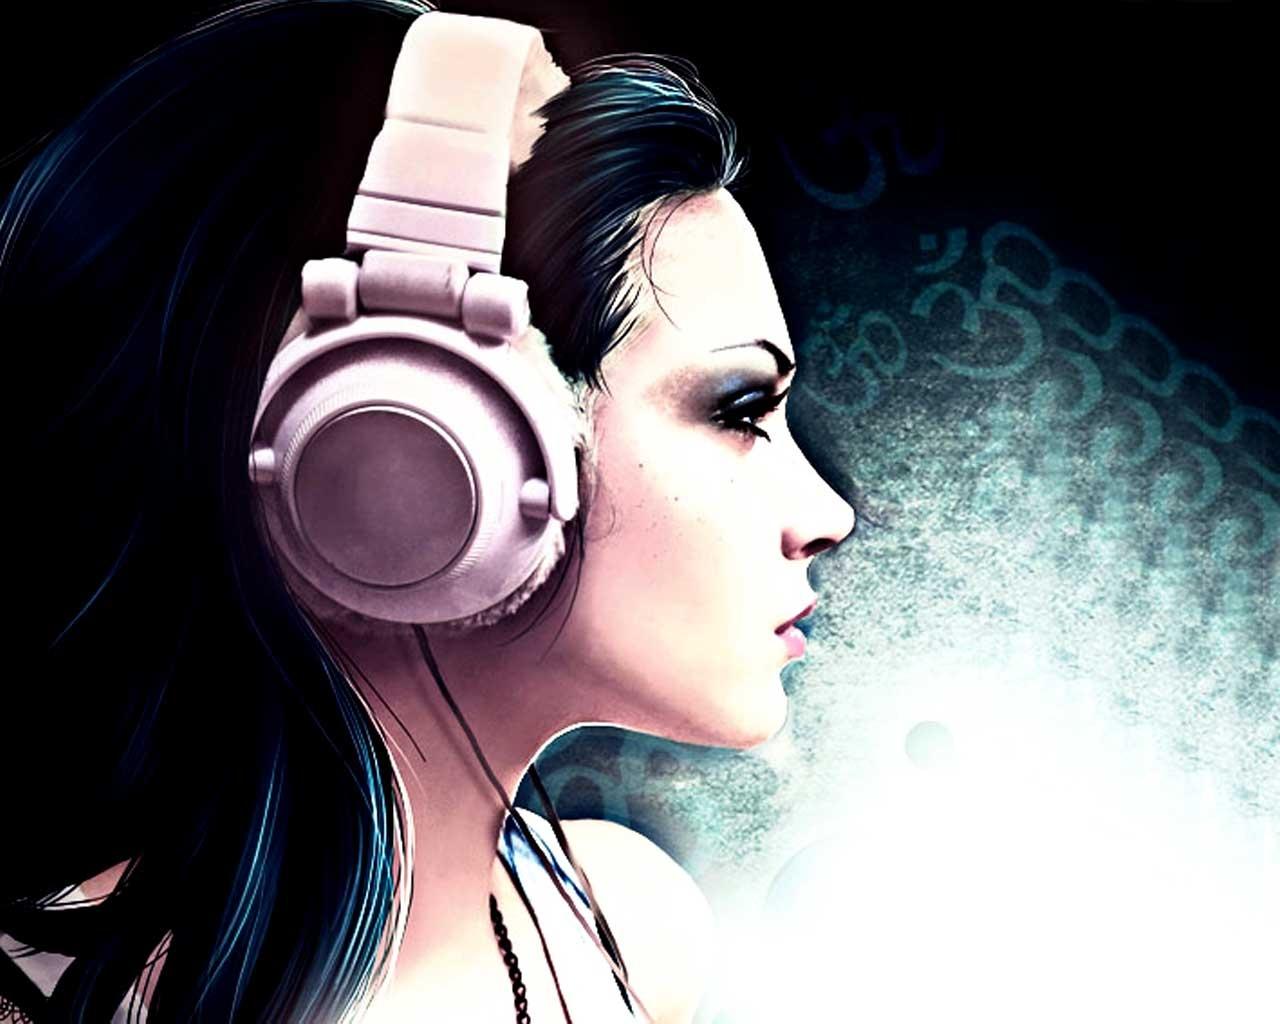 Girl Listening To Headphones Wallpaper خلفيات كمبيوتر للبنات صور جميلة جذابة امجز